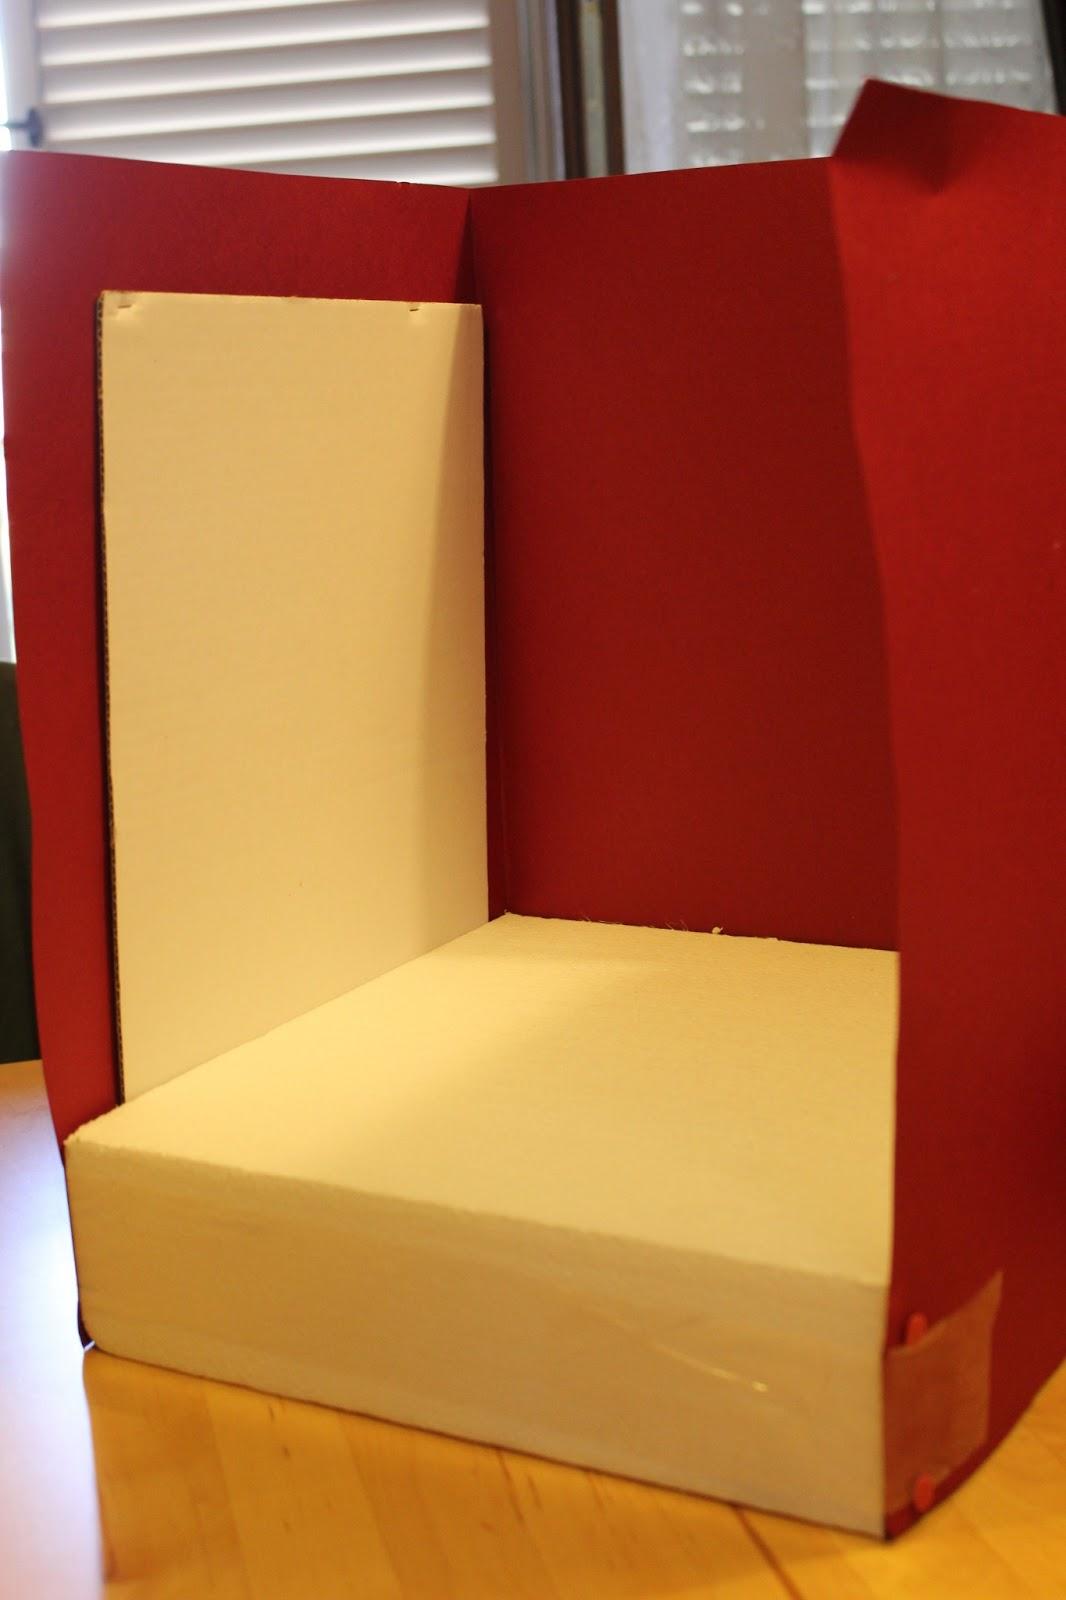 Sugarclo i pasticci di clo come costruire una scatola for Come costruire i passaggi della scatola